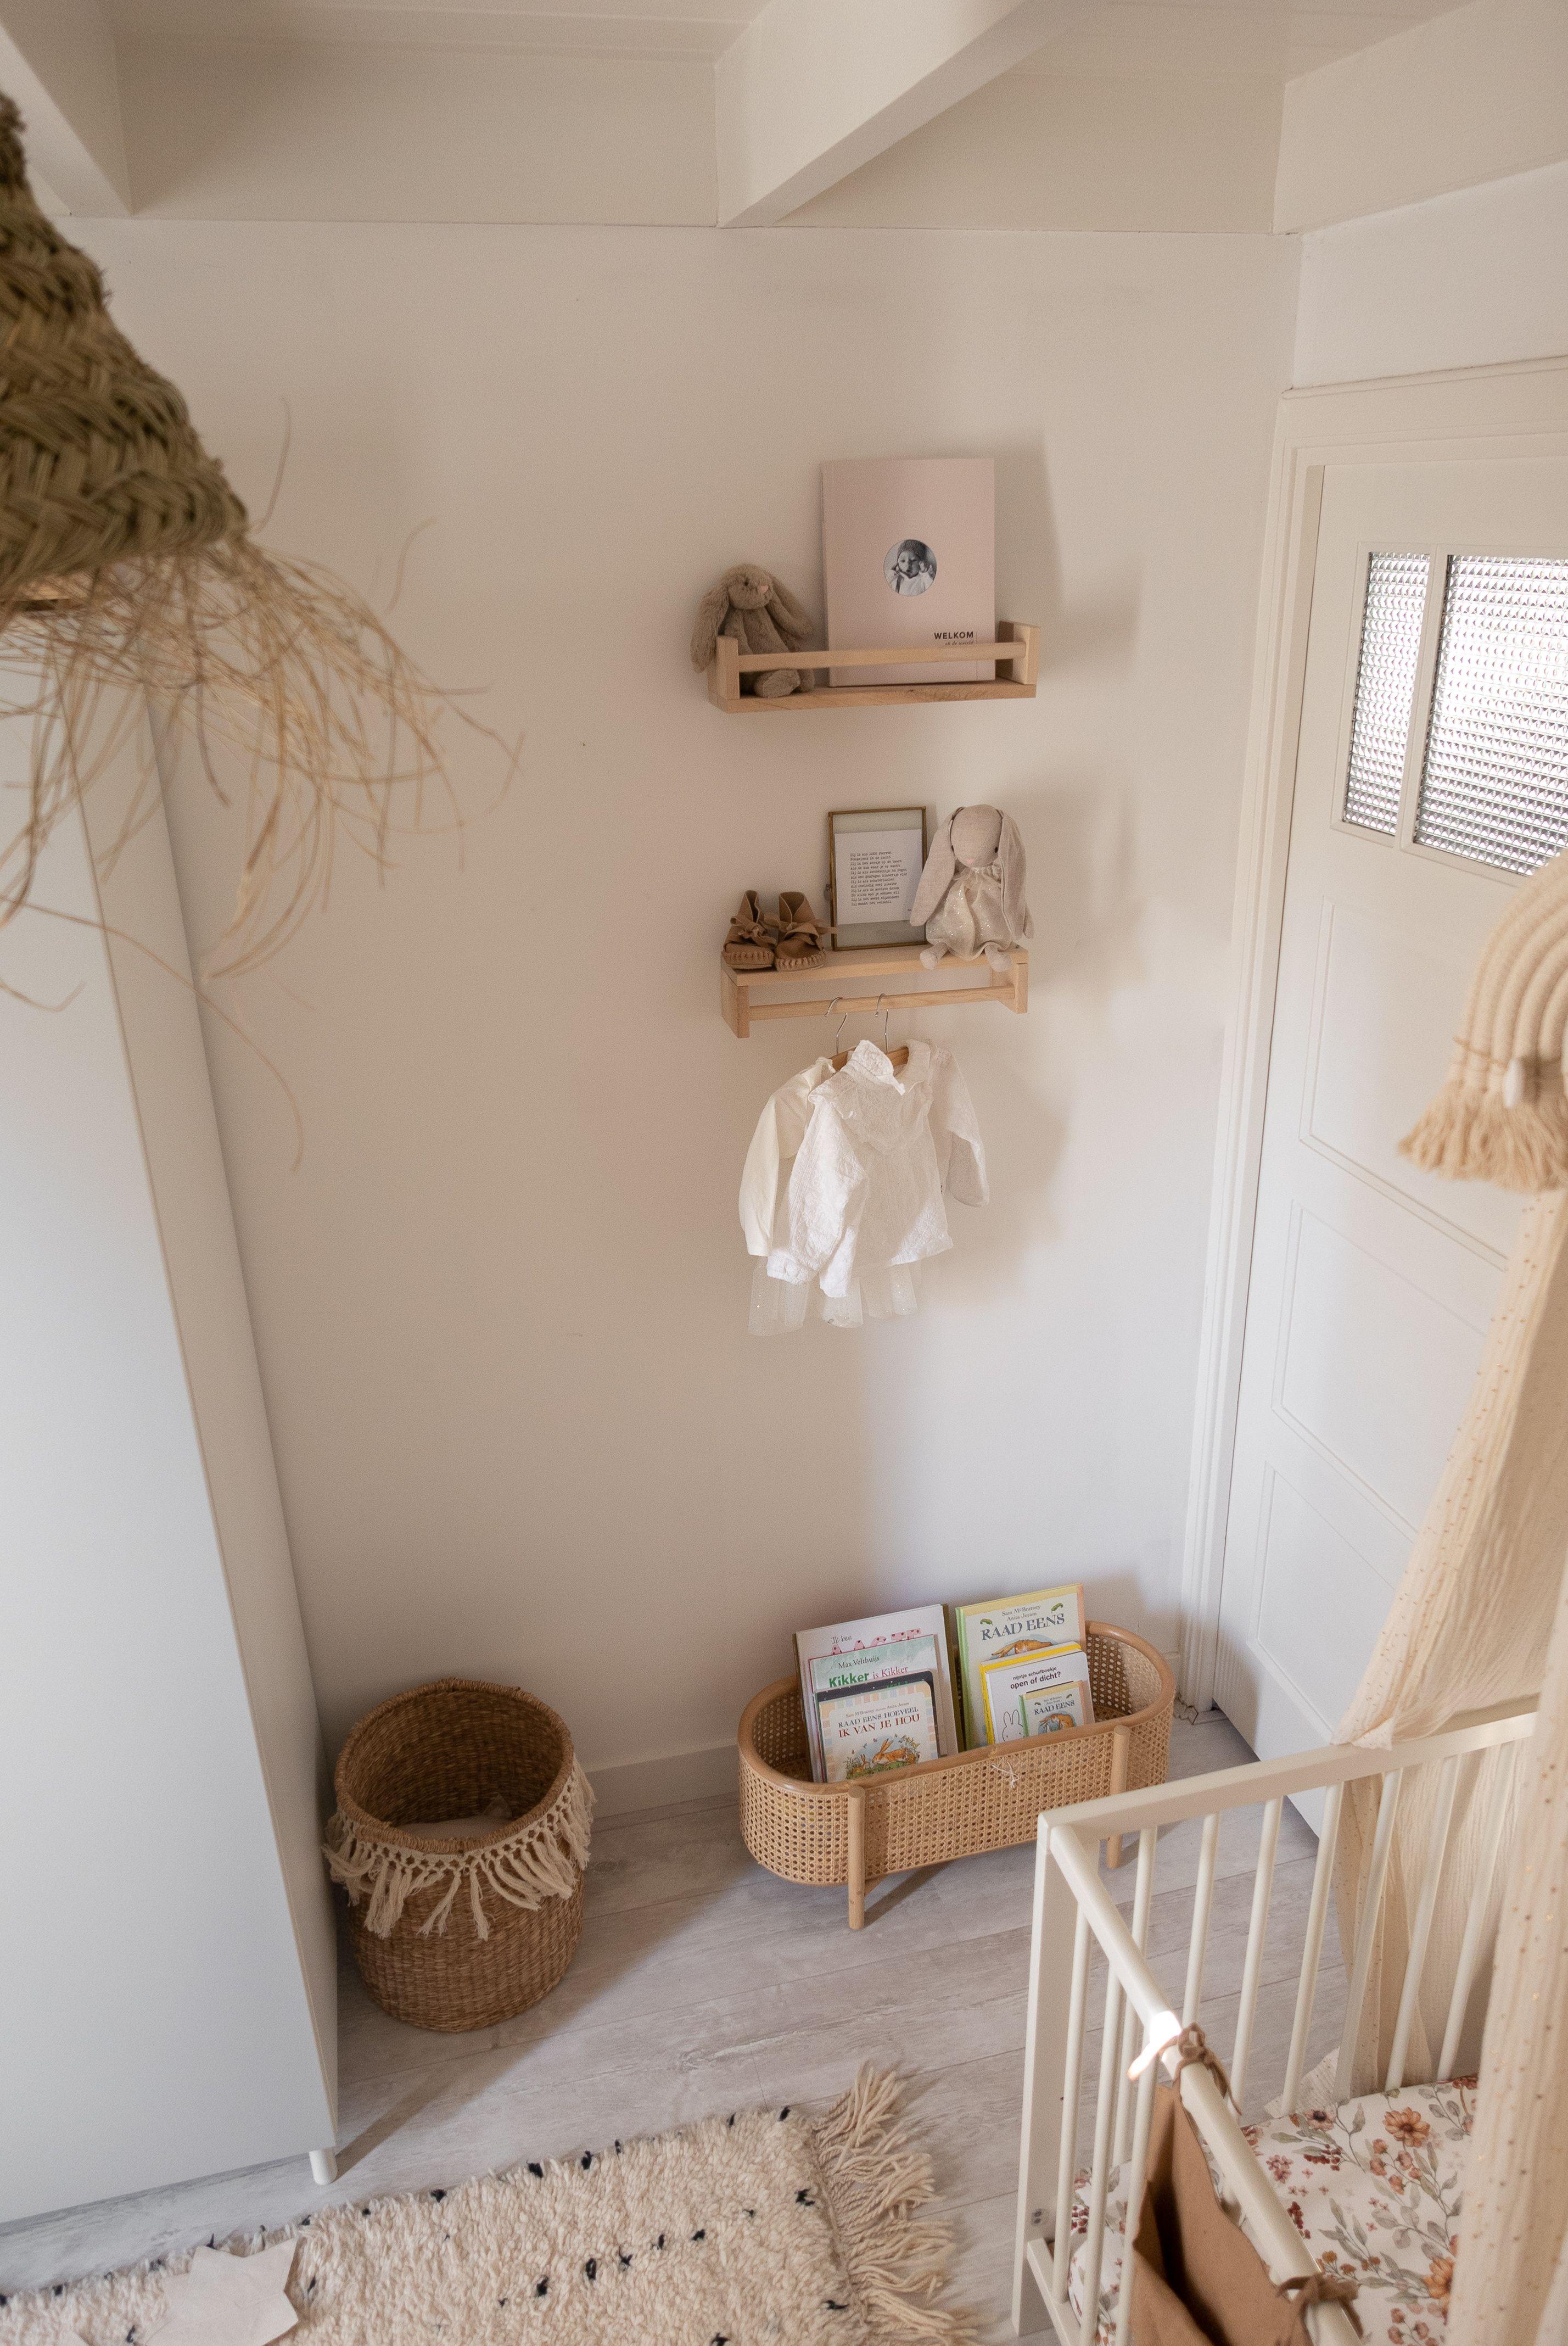 Zo Stijl Je Ikea Bekvam Kruidenrekjes In De Babykamer Babykamer Inrichting Babykamer Inspiratie Babykamer Decoratie